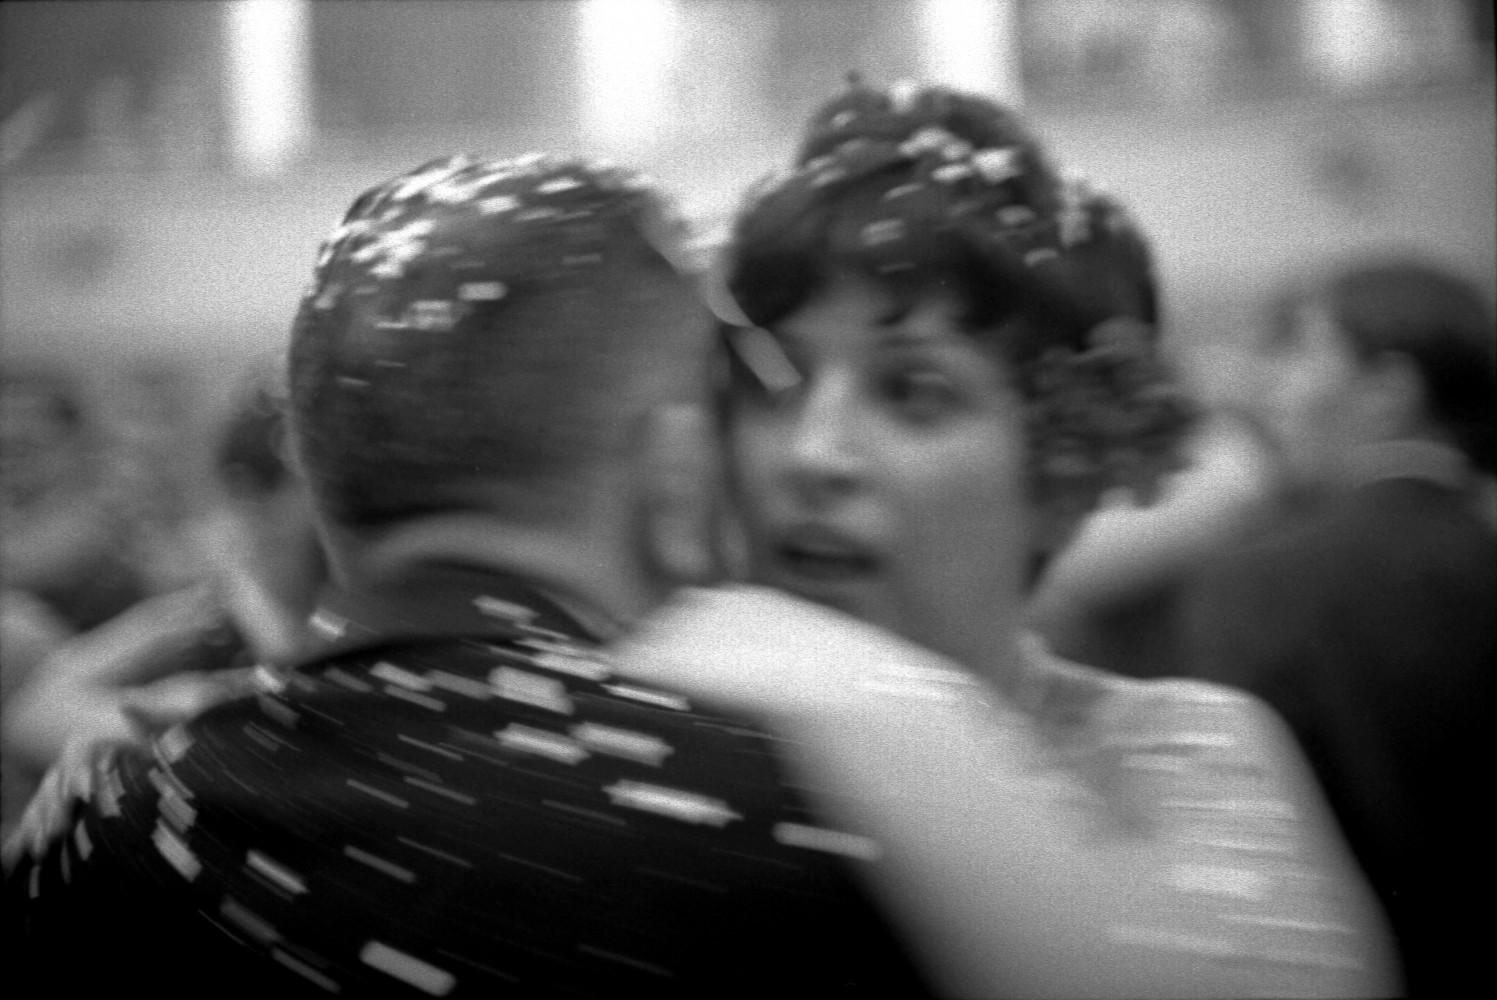 Toni Nicolini, Coppie ballano un lento durante la festa al Teatro comunale Vittorio Emanuele II, Mortara (PV), 1966